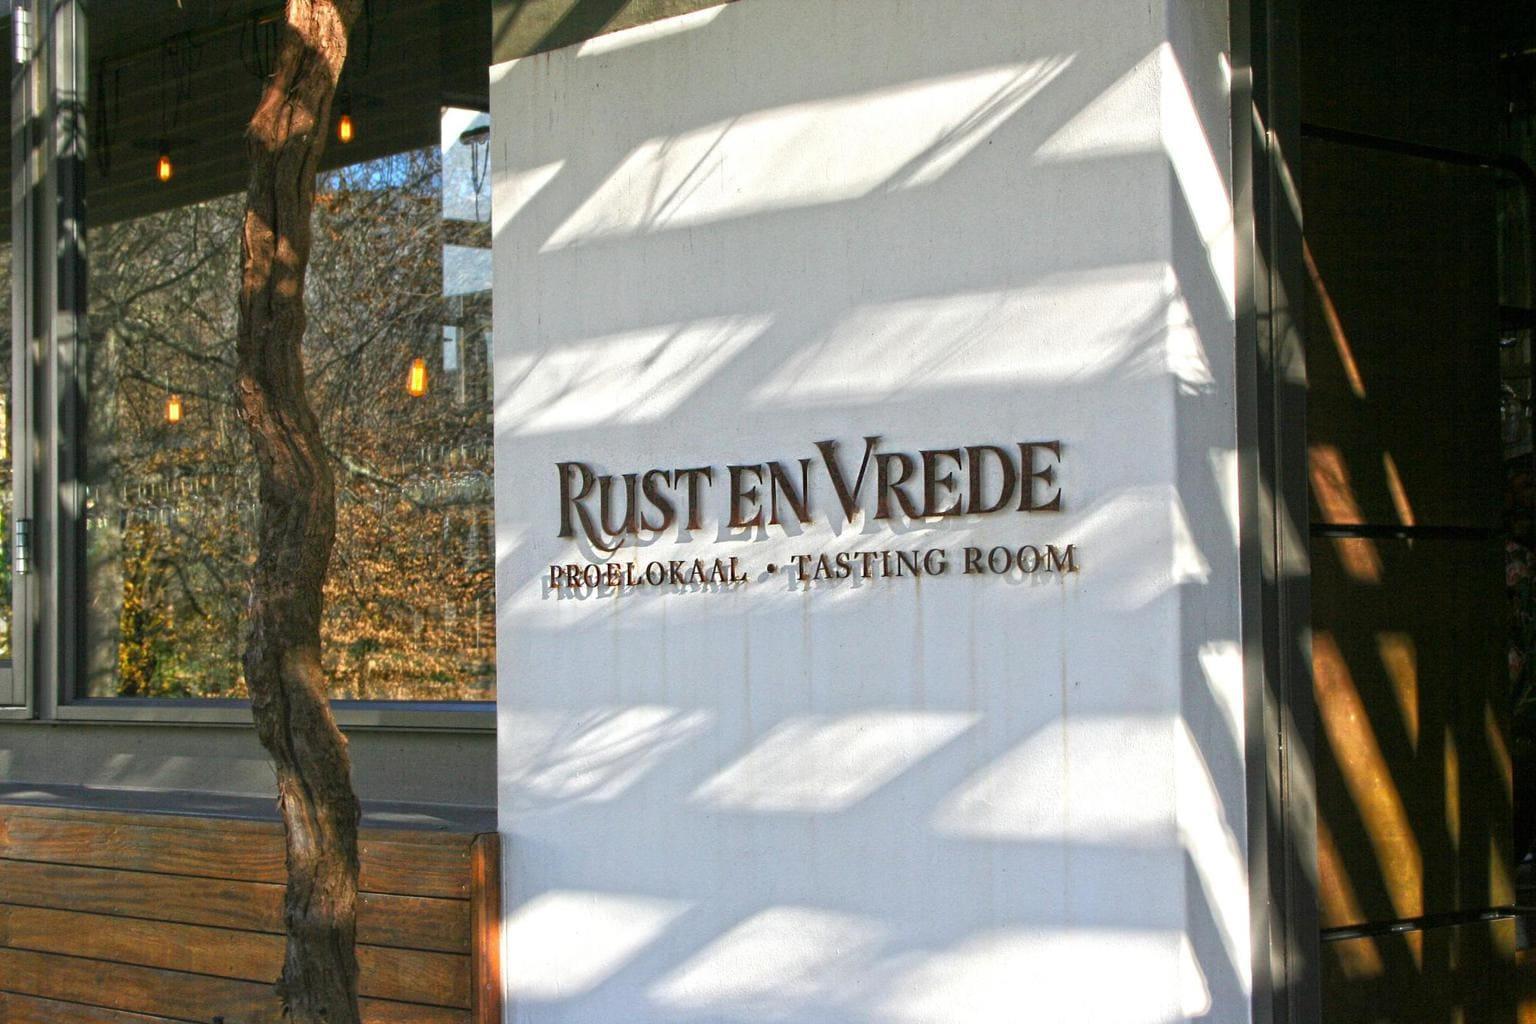 Rust en Vrede tasting room entrance